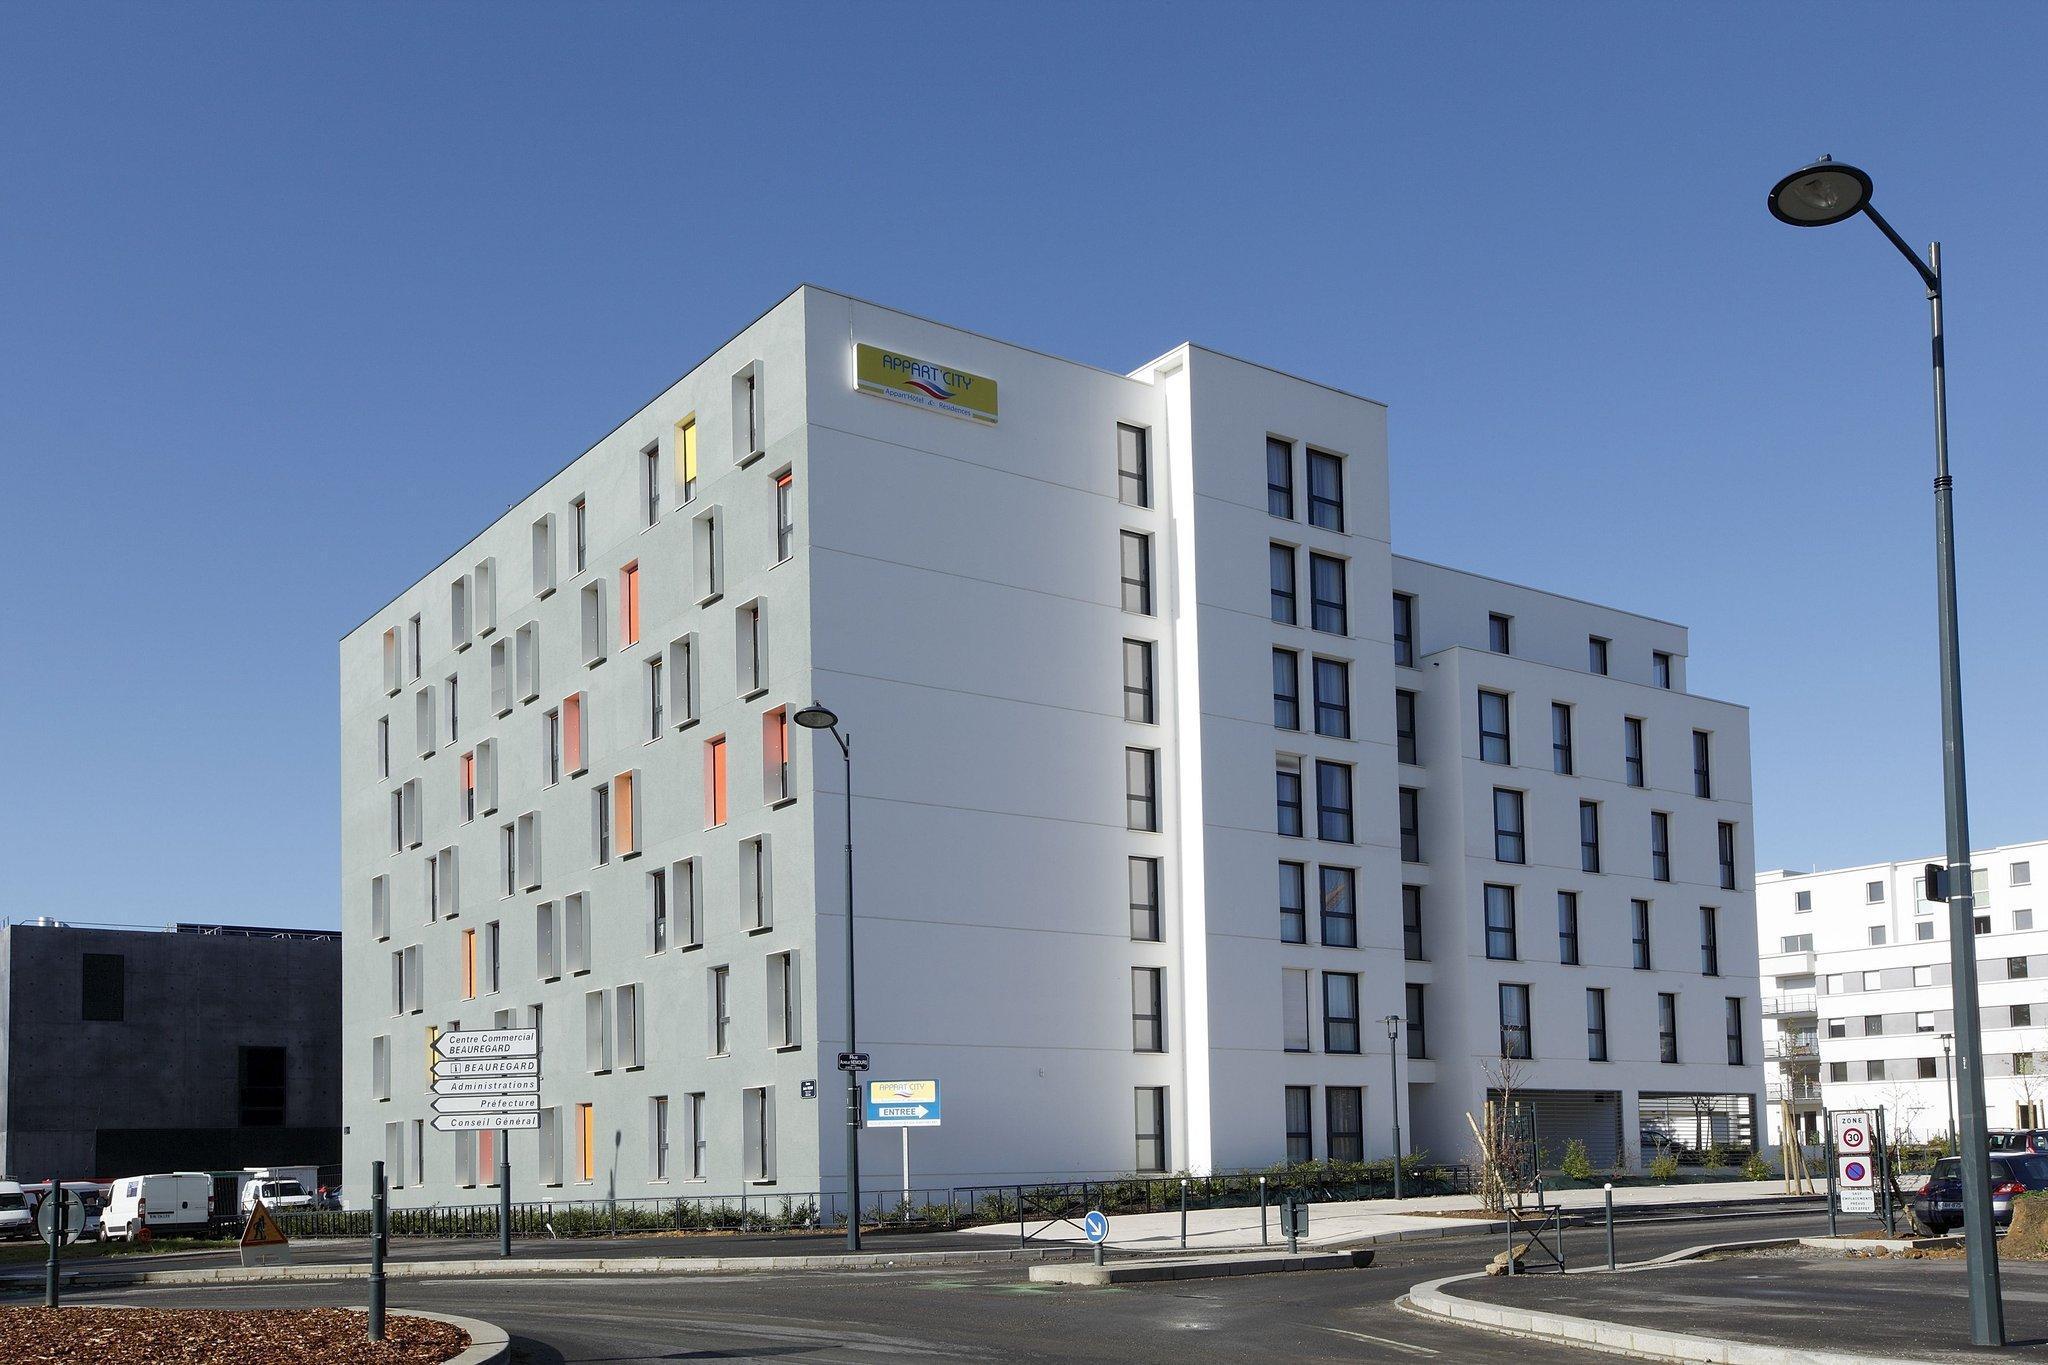 Appart City Rennes Beauregard